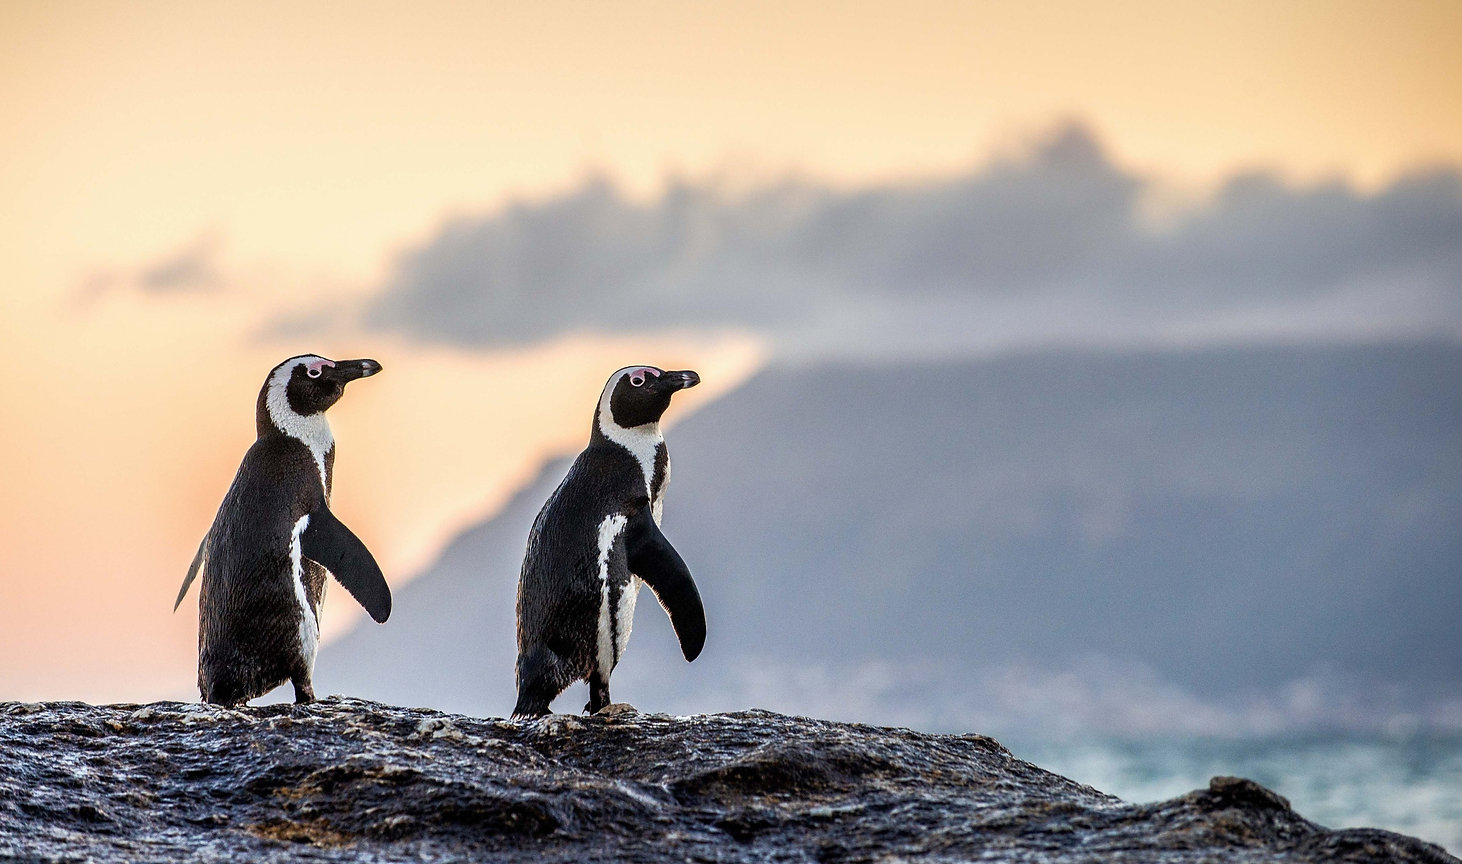 Penguins_edited.jpg